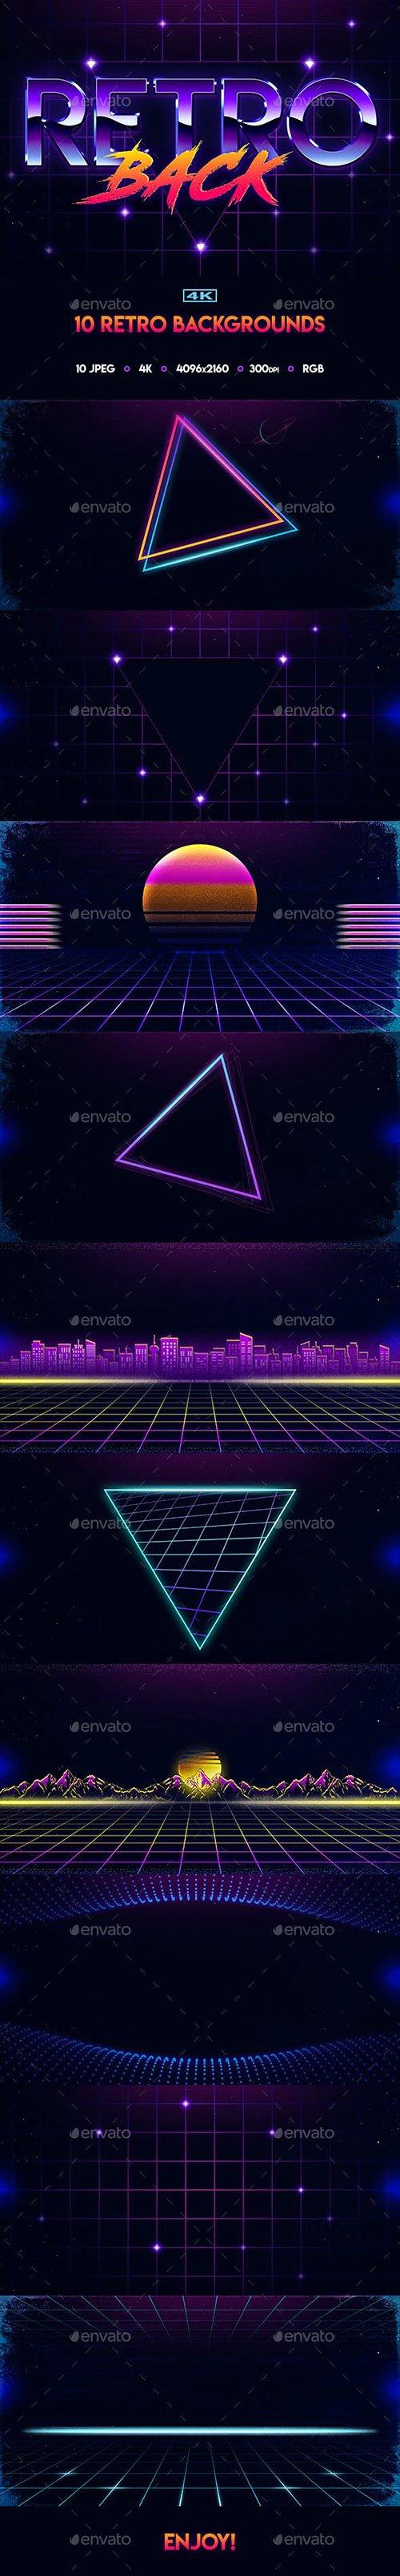 80s Retro Backgrounds 22592257